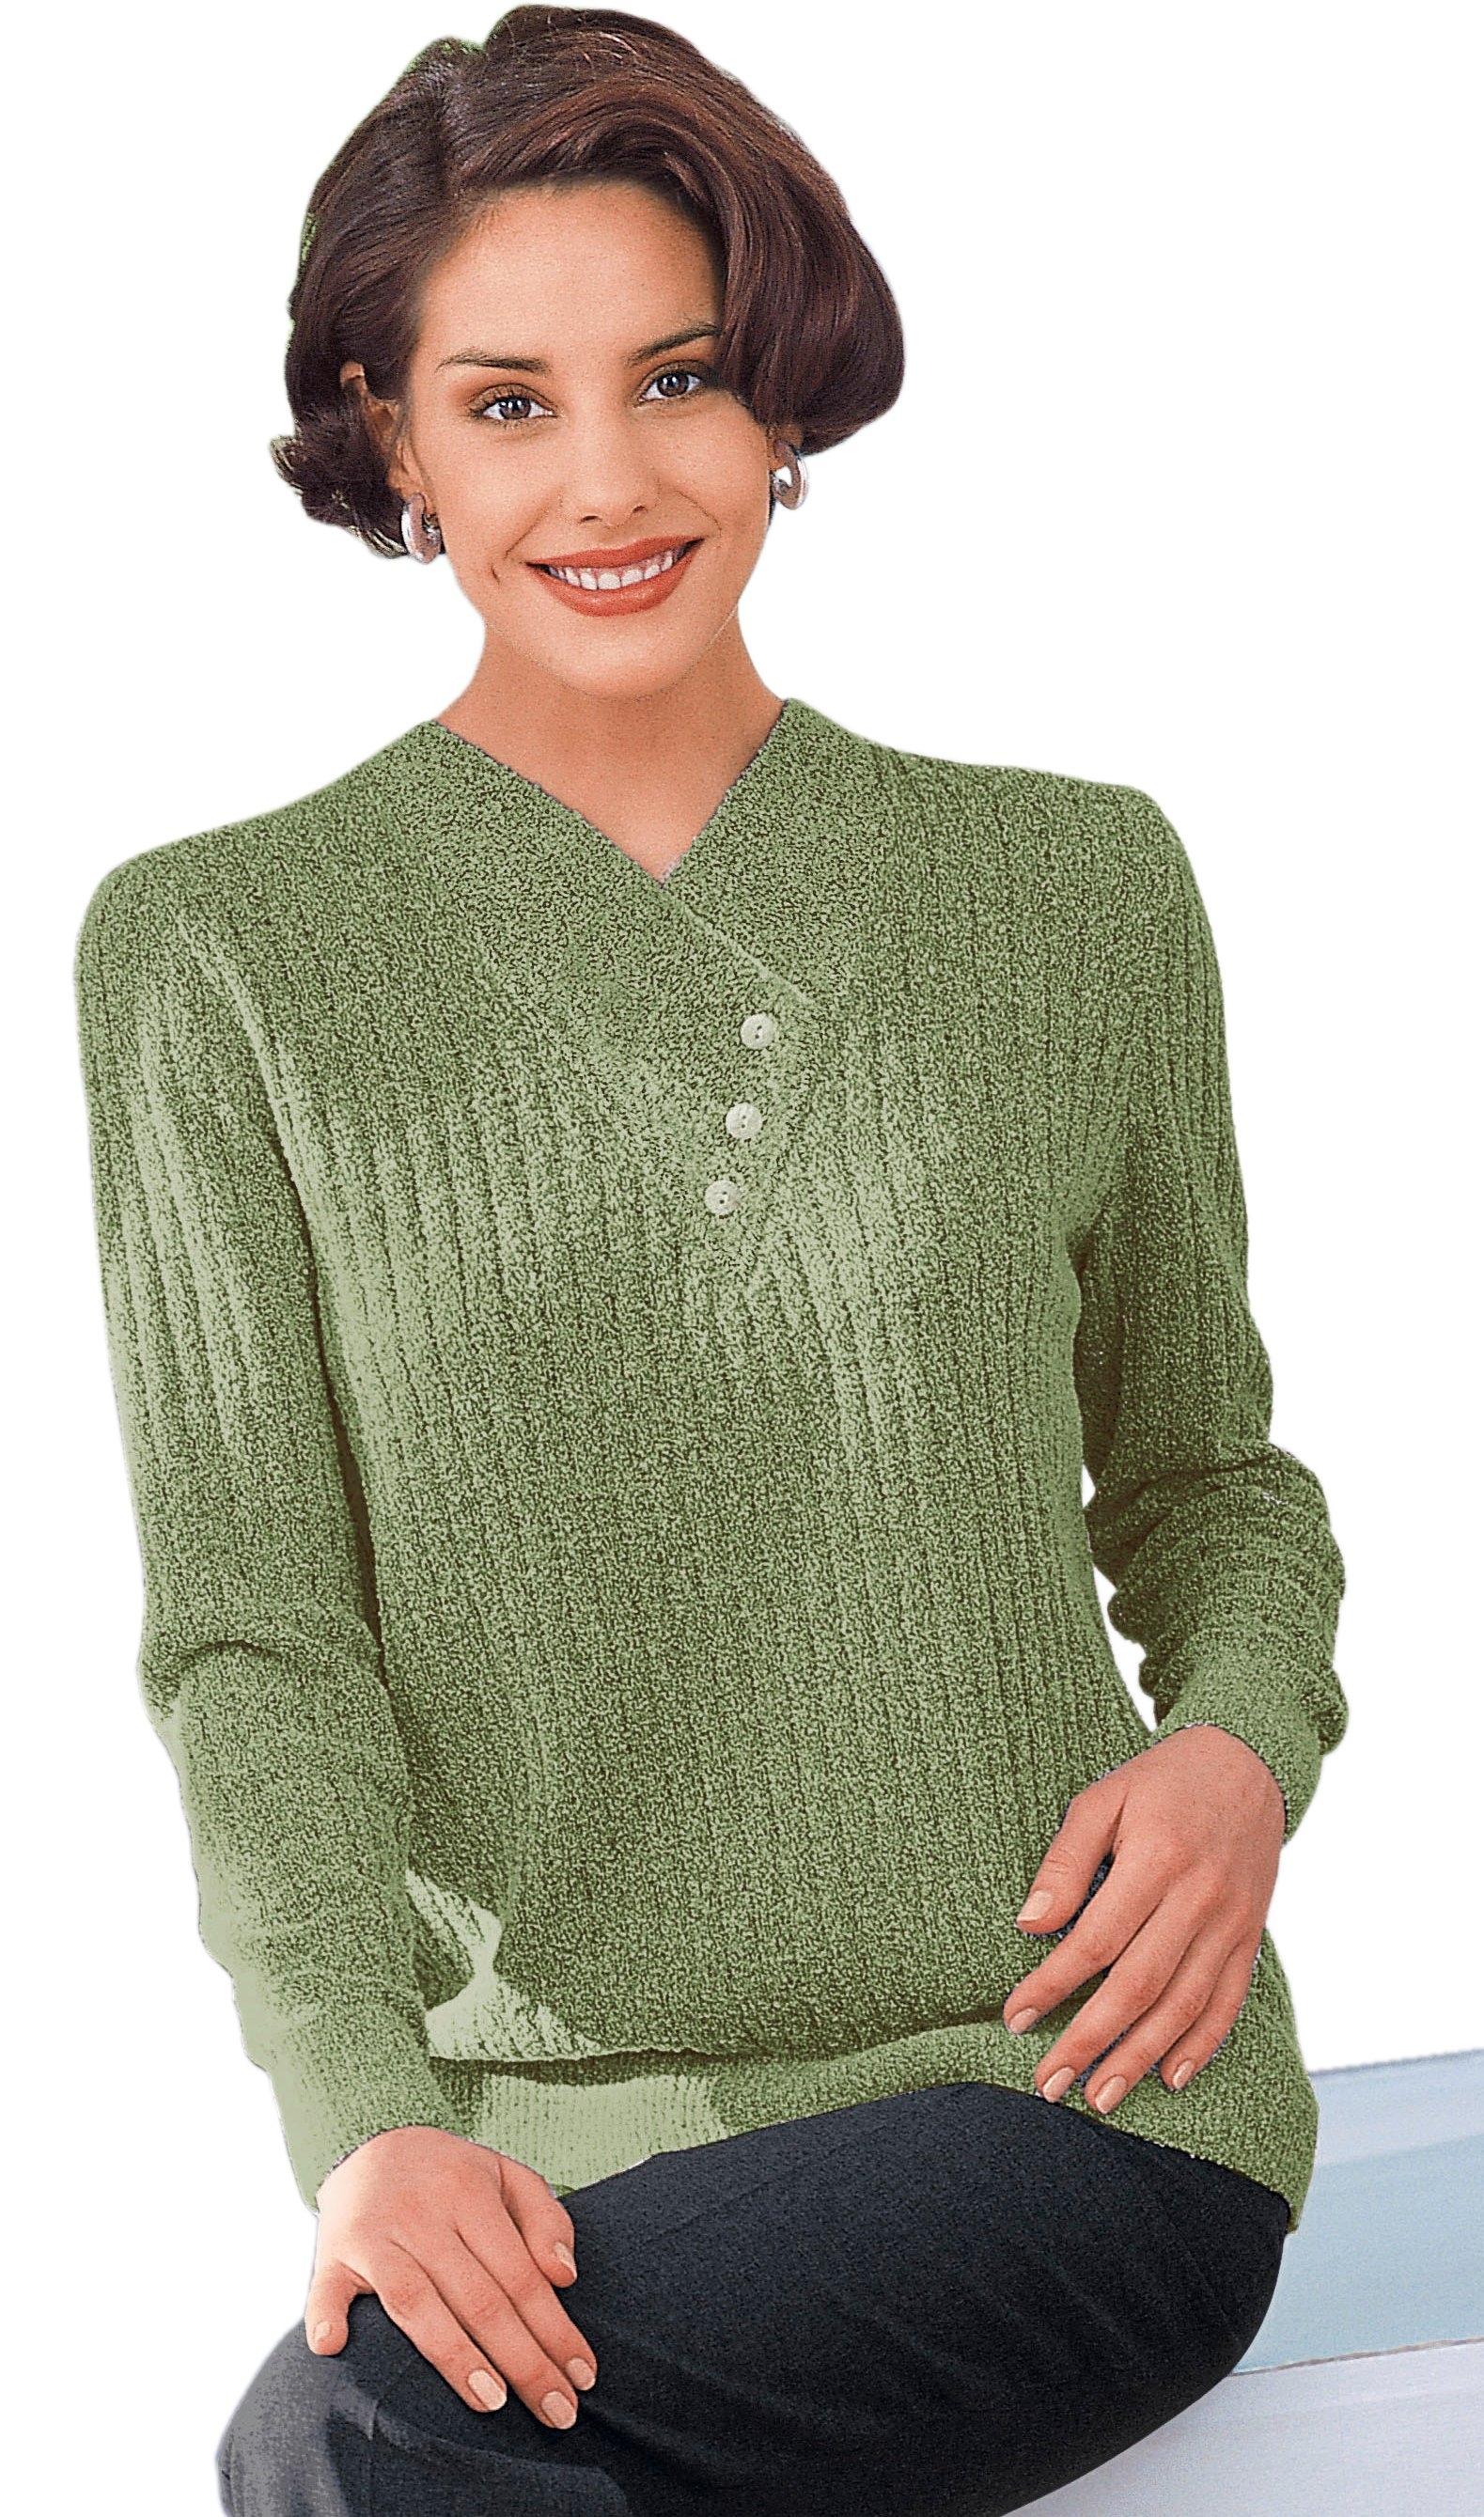 Op zoek naar een Classic trui met topmodieuze ribstructuur? Koop online bij OTTO